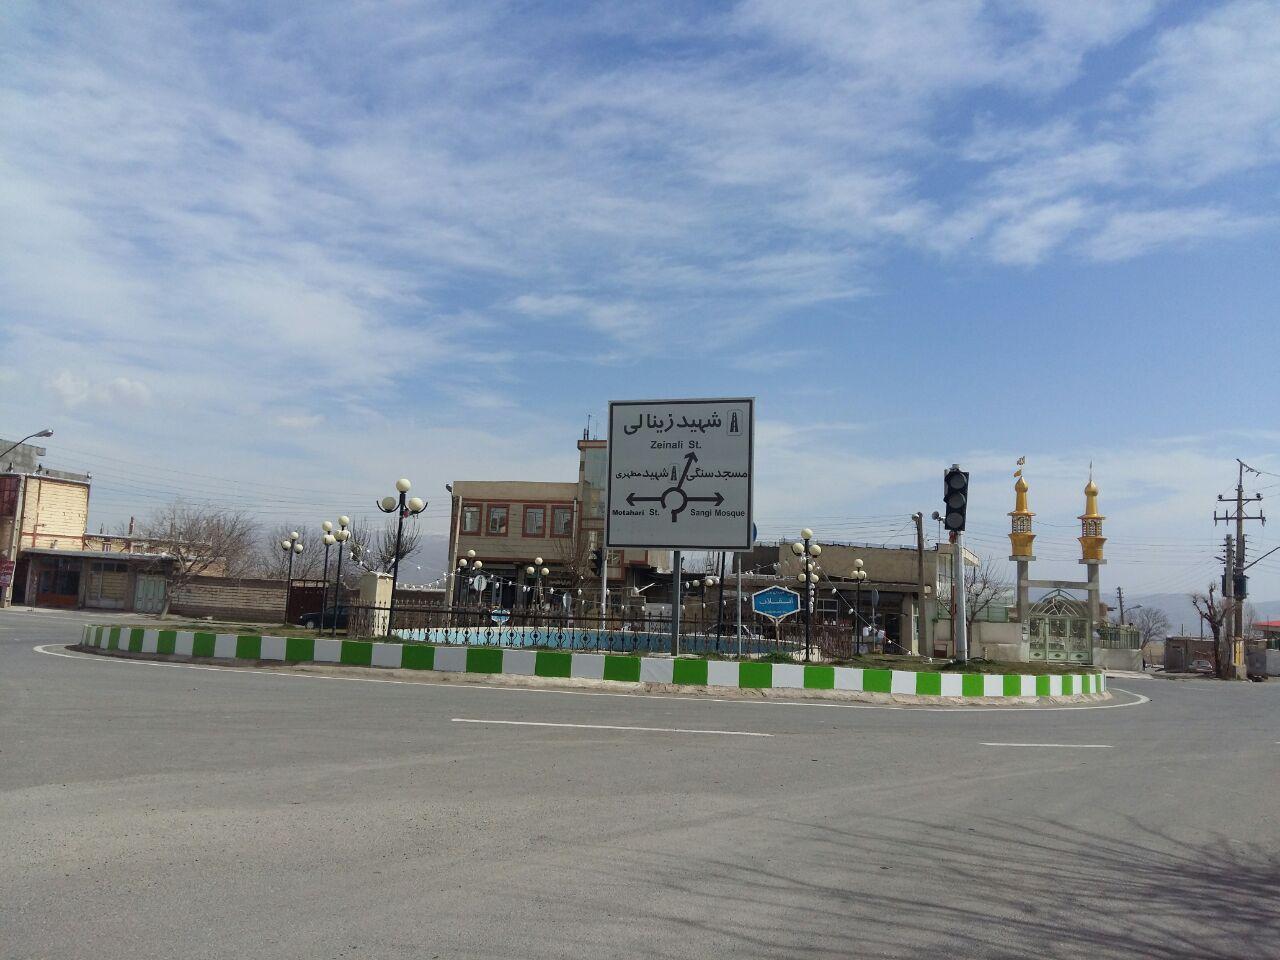 زیبا سازی شهر توسط پرسنل زحمتکش شهرداری جهت استقبال از عید نوروز